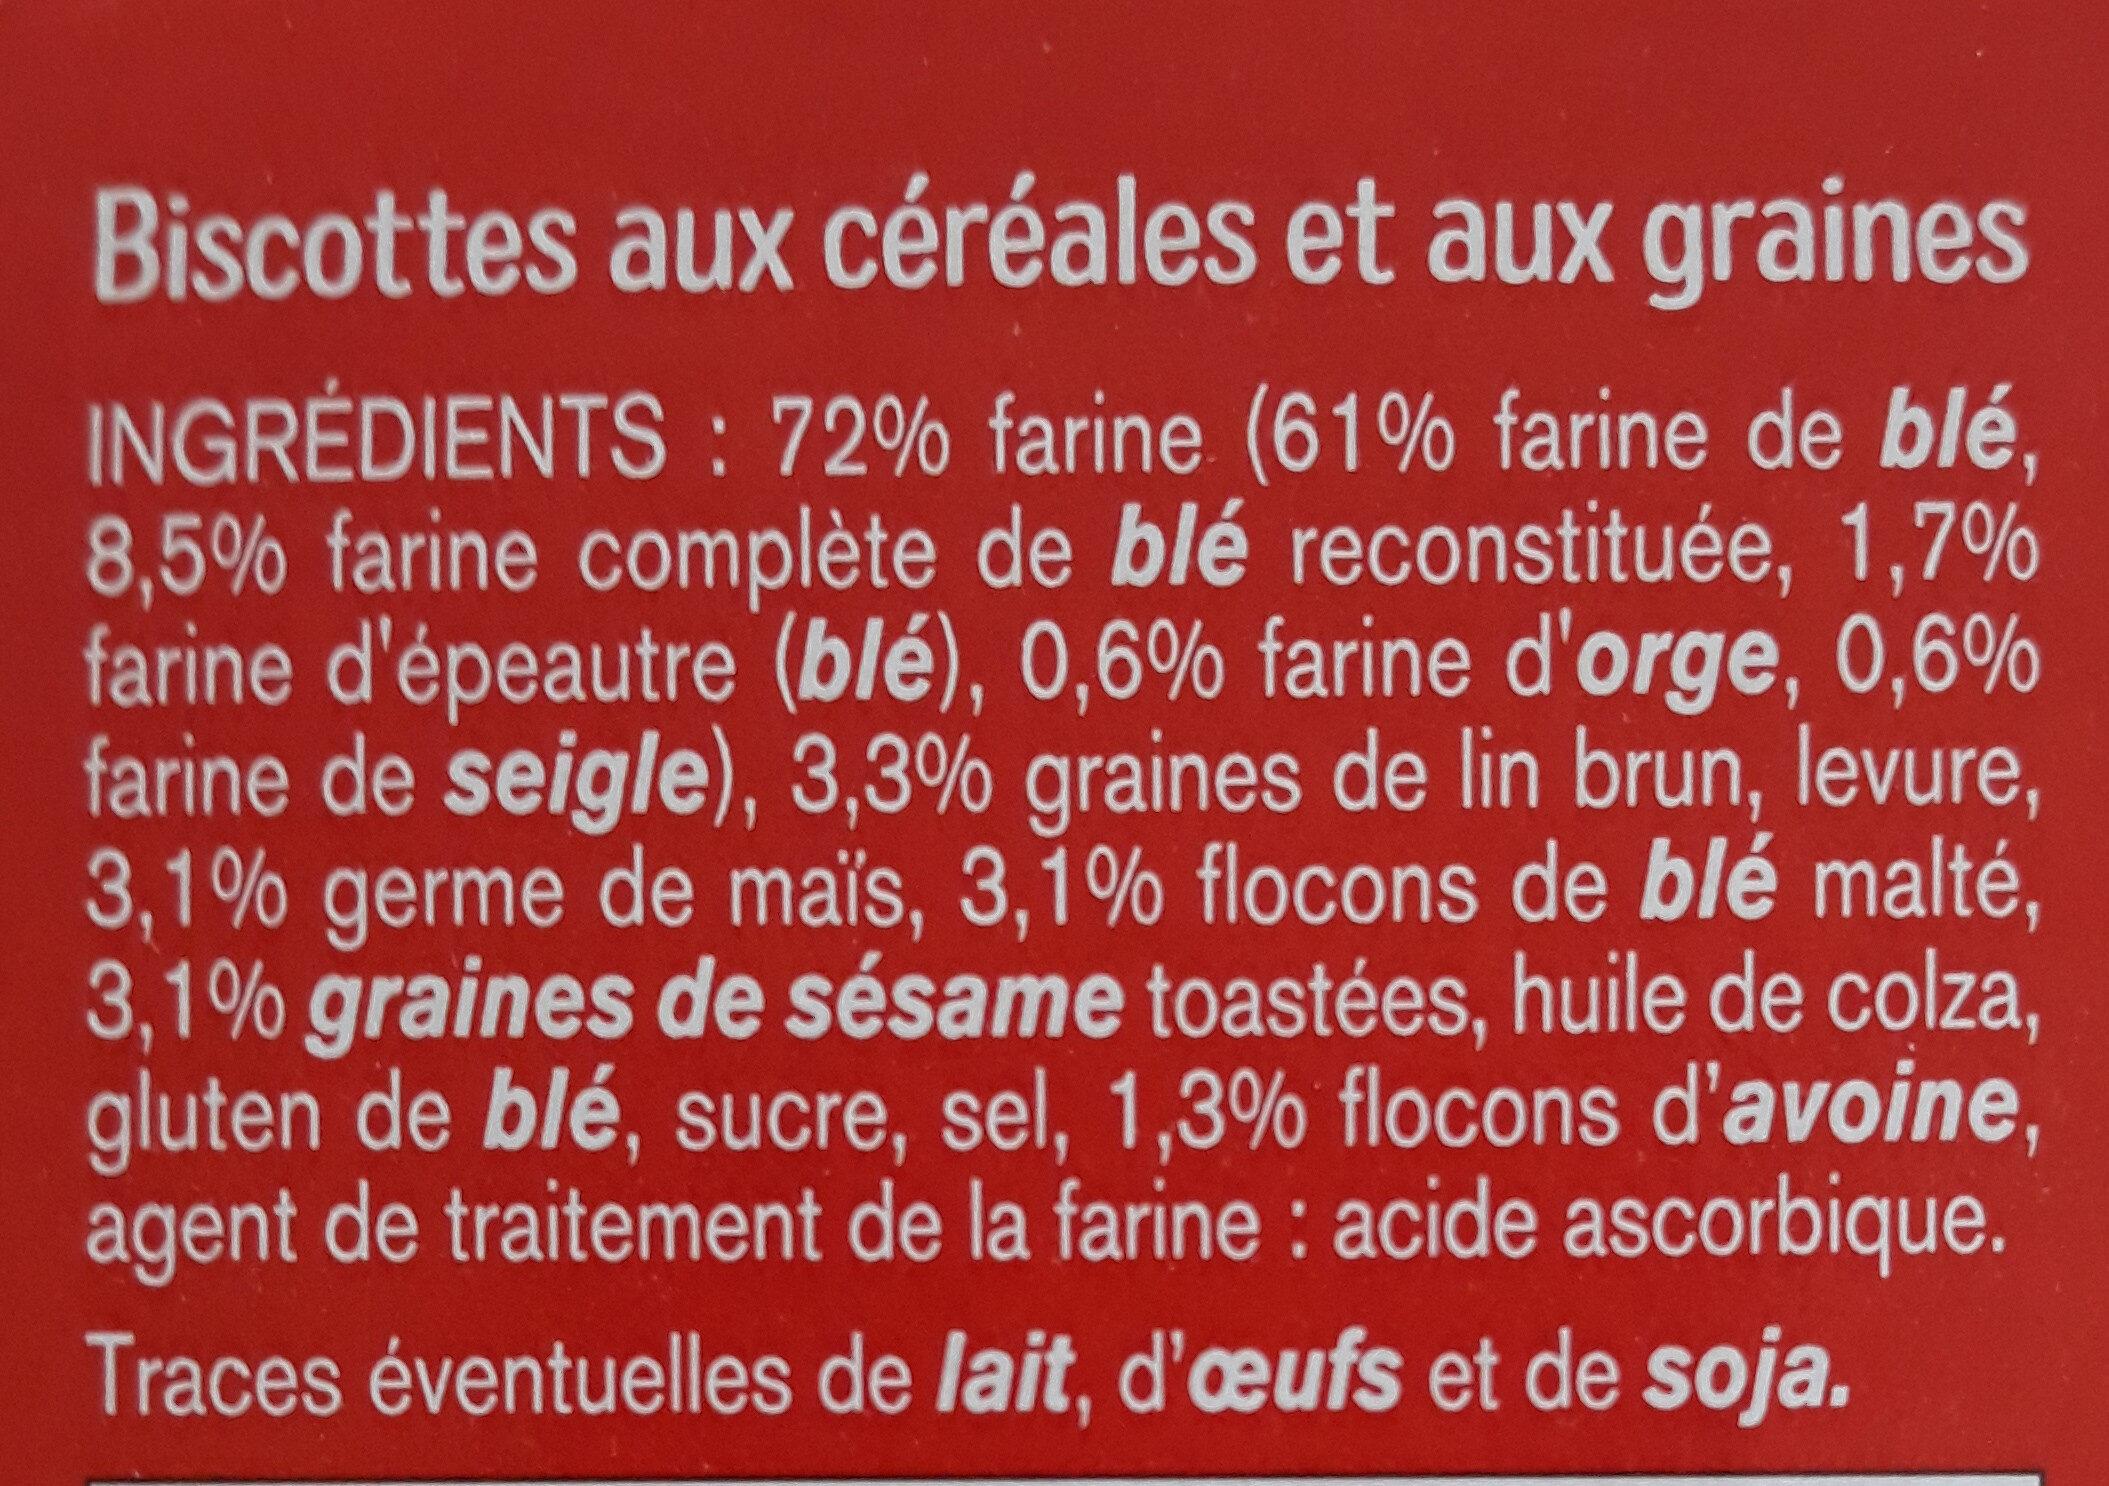 Biscottes - 成分 - fr